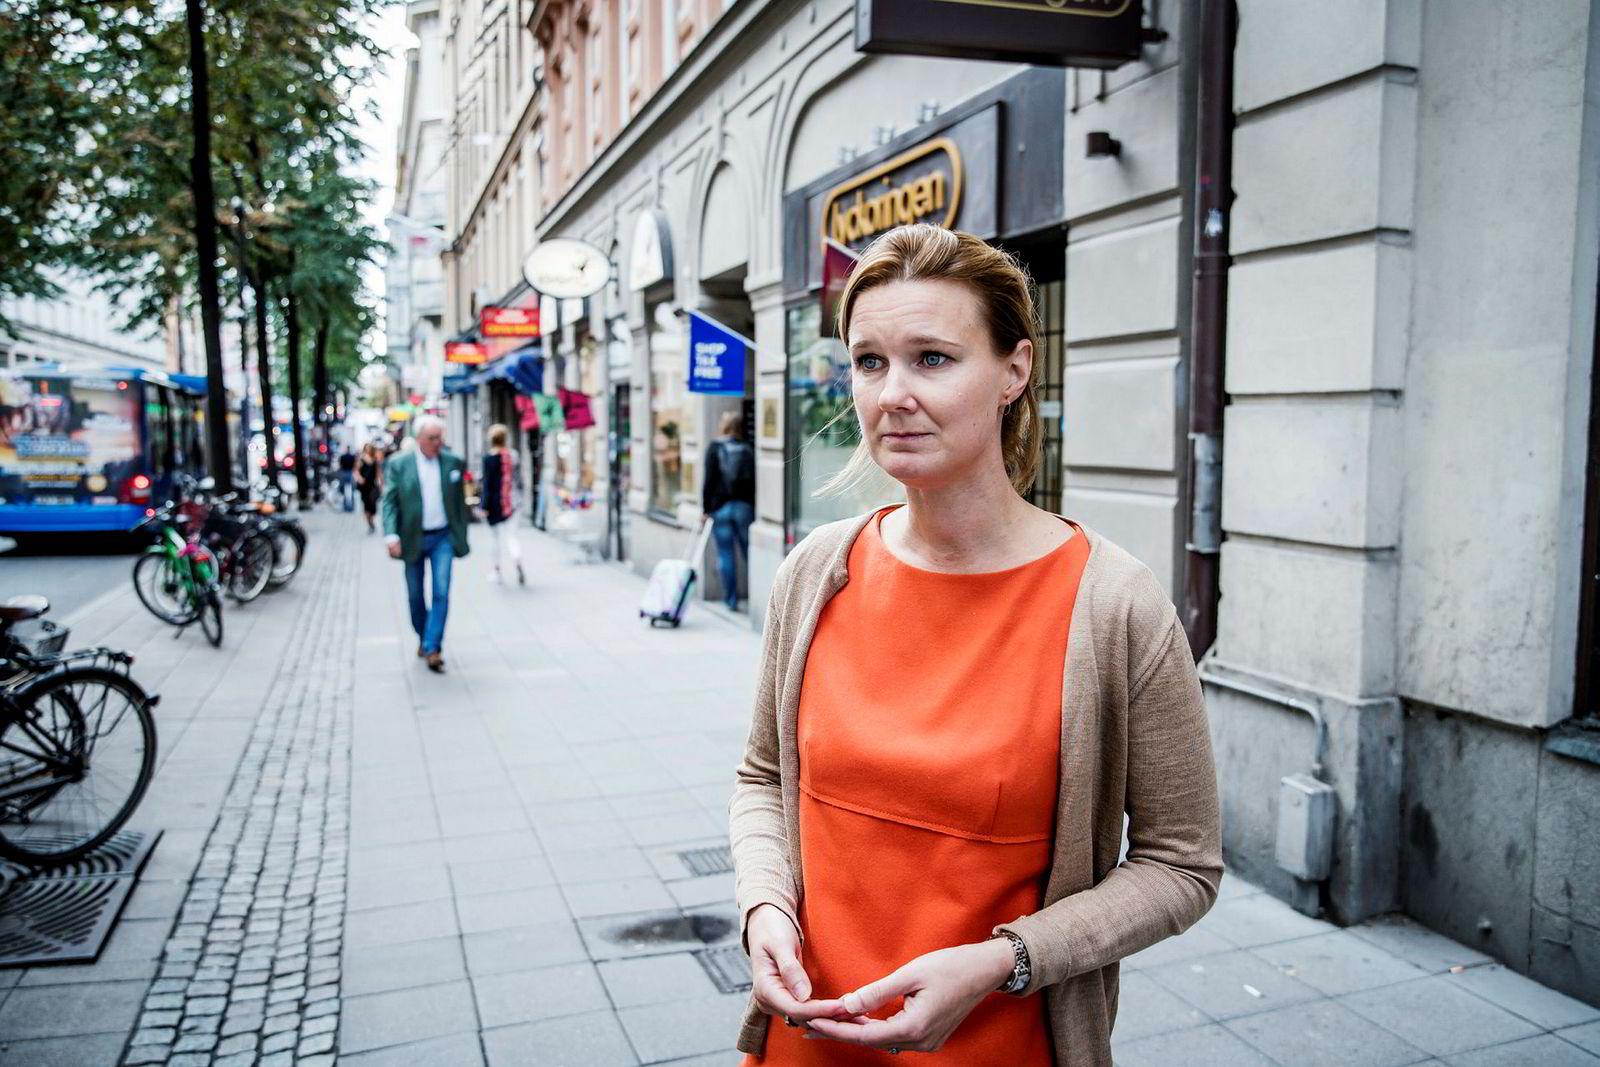 – Stefan Löfven kommer til å bli stemt ned i Riksdagen når den åpner. Deretter kommer alle partiene til å forsøke å nå frem med sitt første alternativ, sier Karin Svanborg Sjövall, administrerende direktør i tankesmien Timbro.